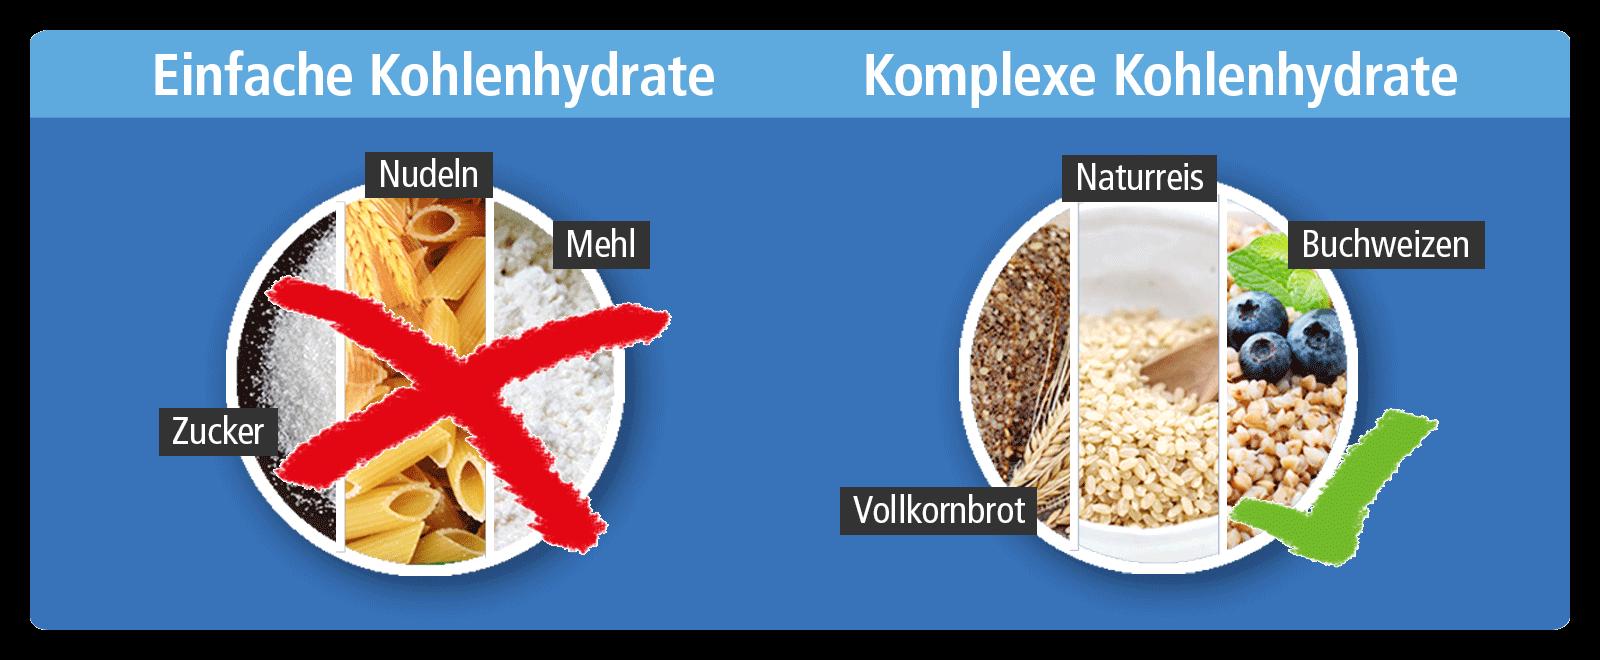 komplexe und einfache Kohlenhydrate